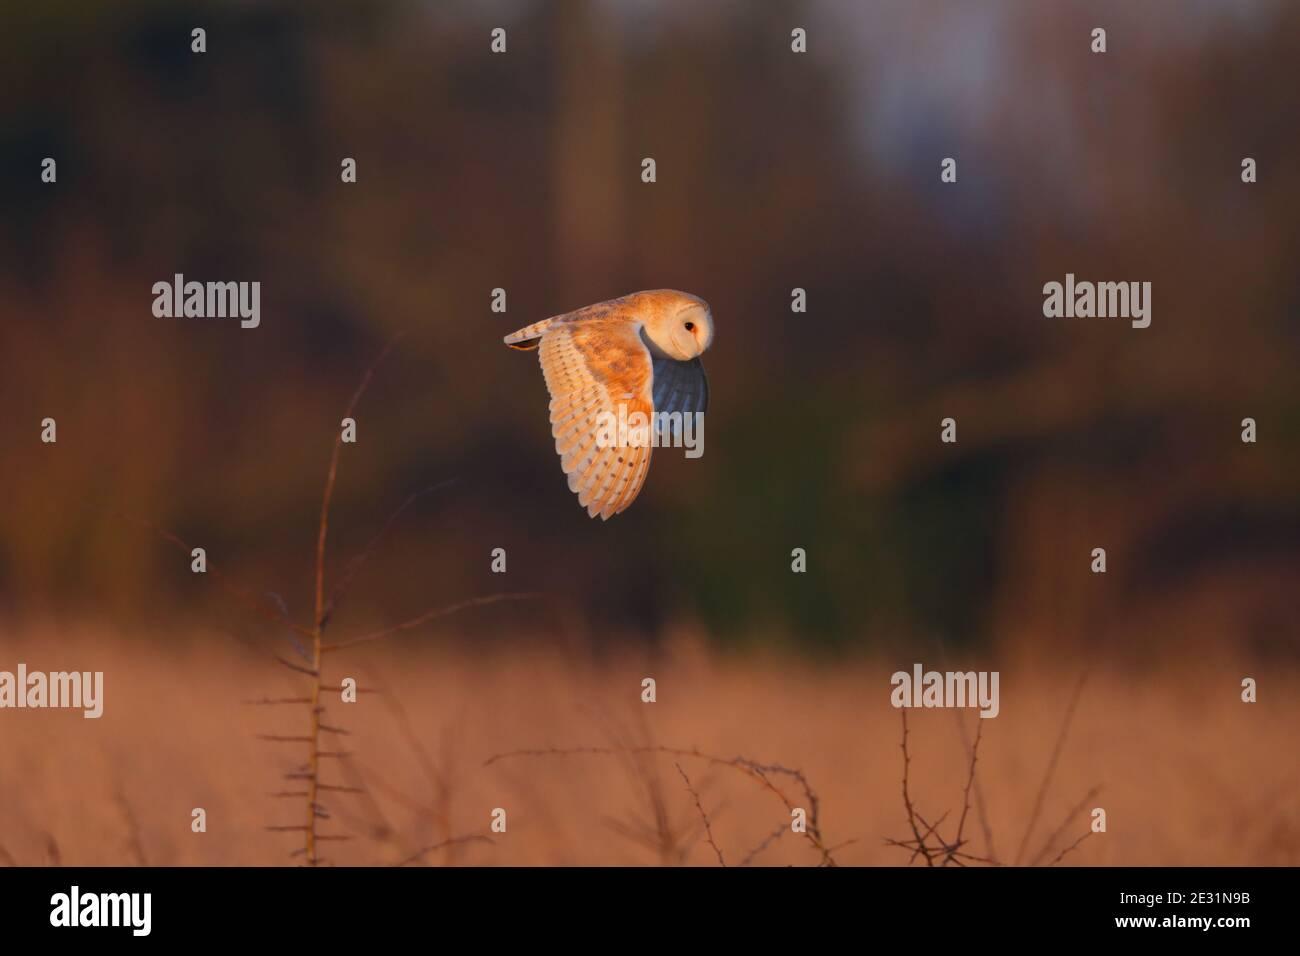 Eine Scheune Owl (Tyto alba) im Flug in Suffolk, Großbritannien Stockfoto